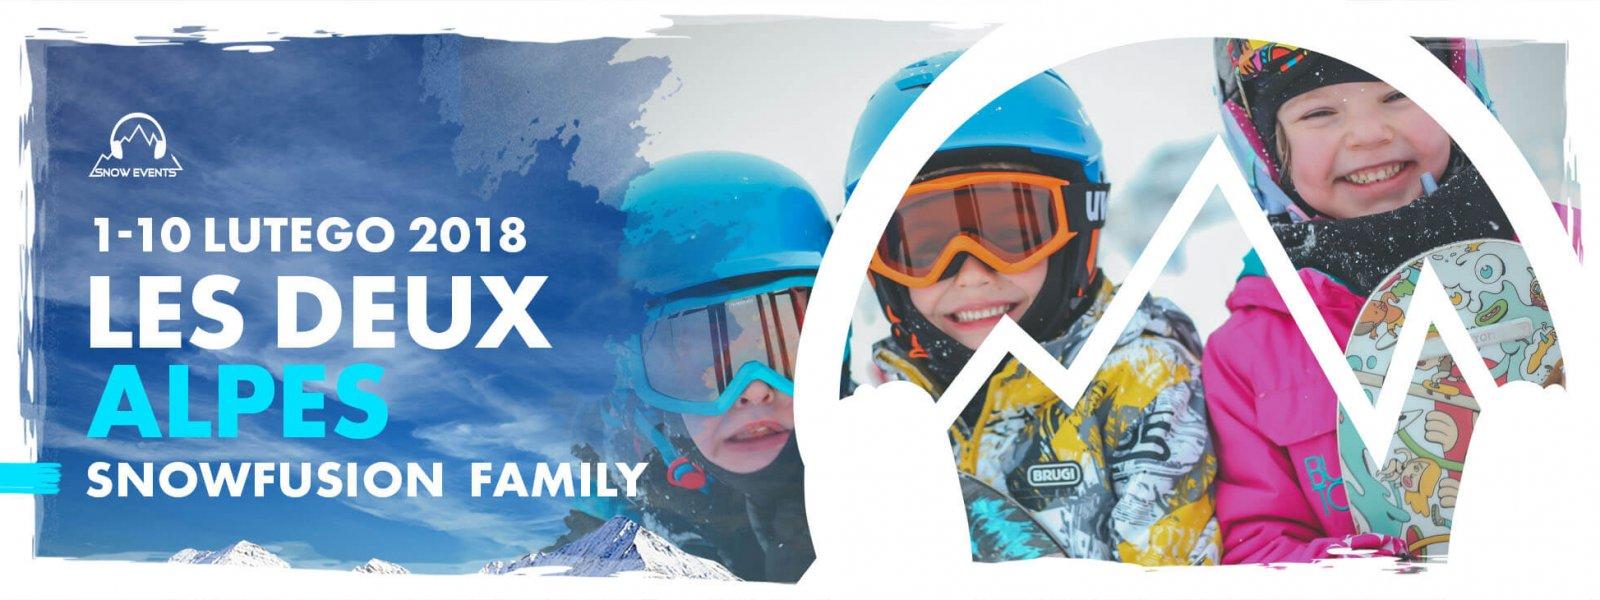 rodzinny les 2 alpes luty 2019